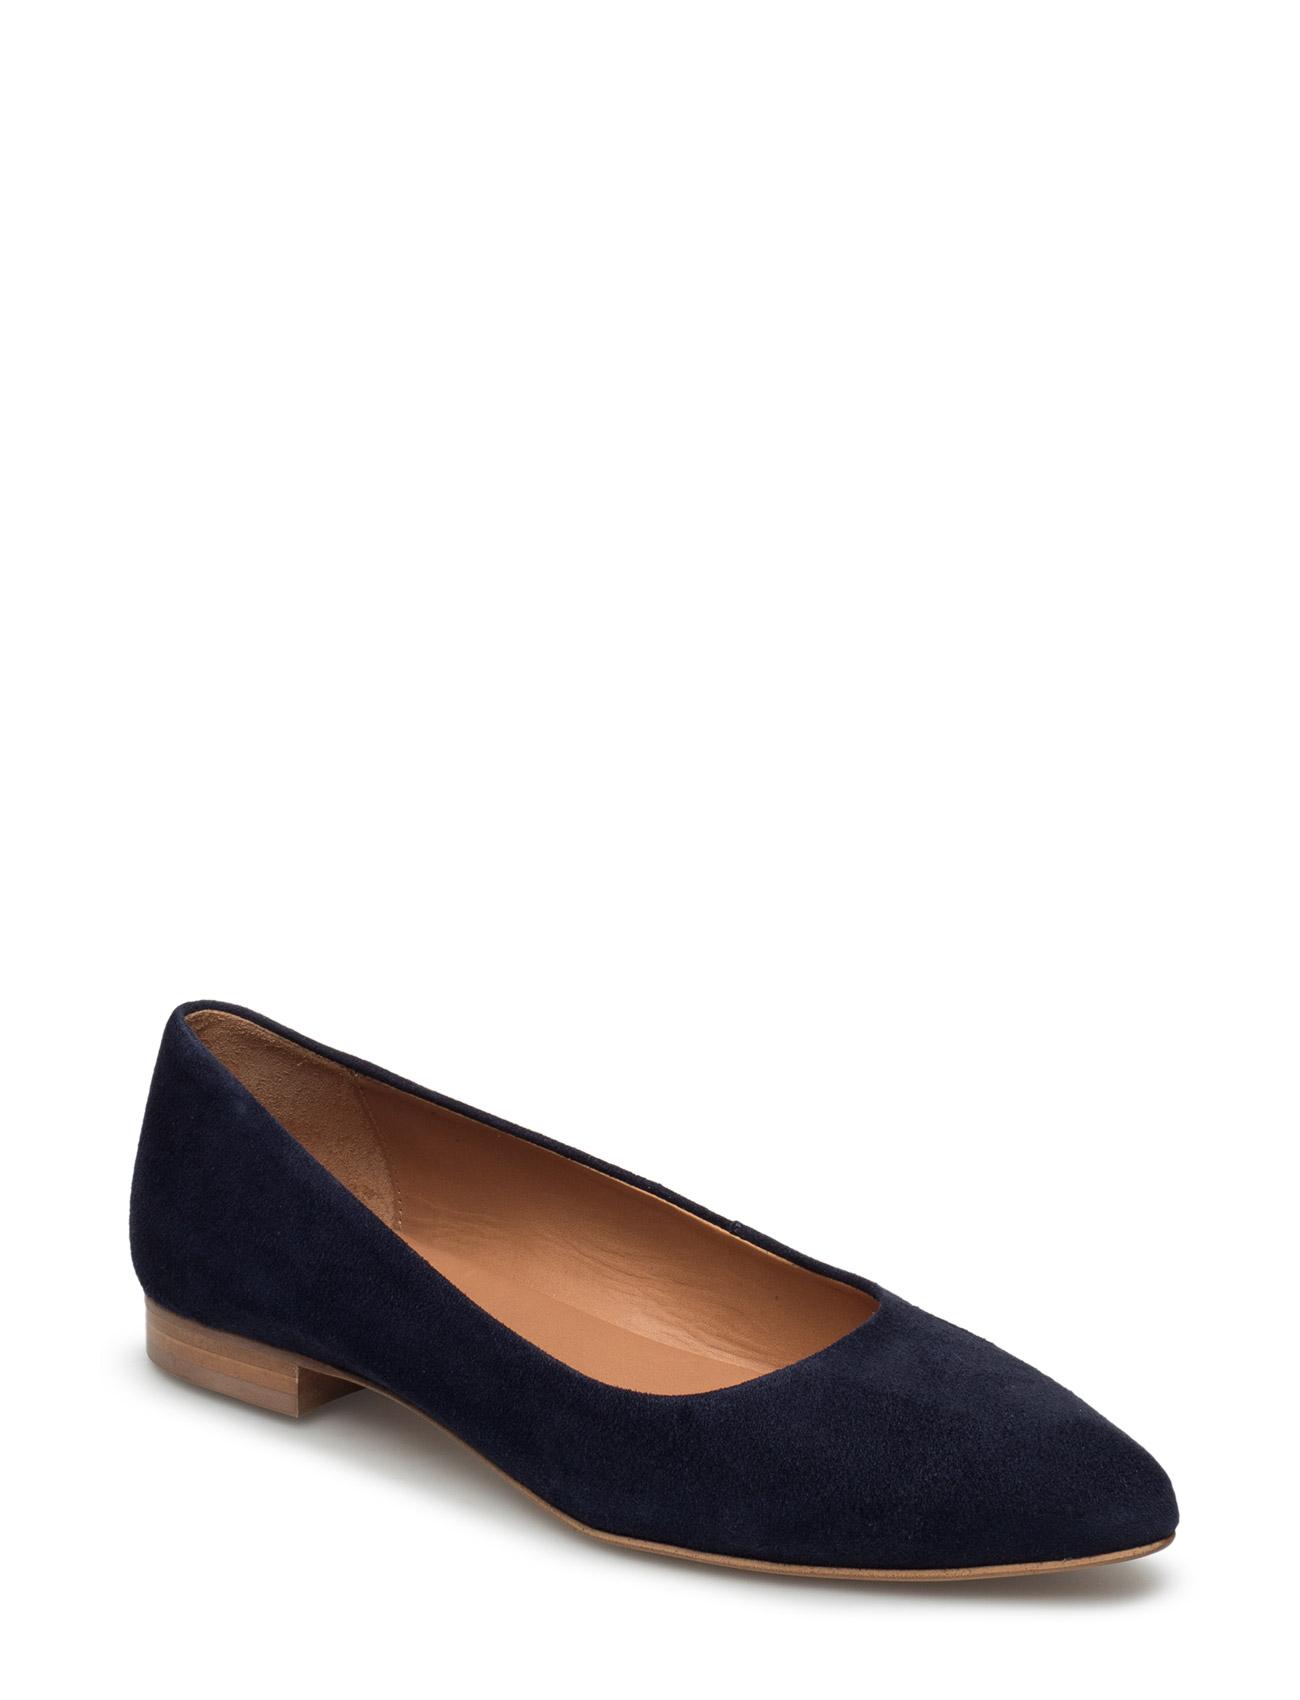 carla f – Shoes på boozt.com dk